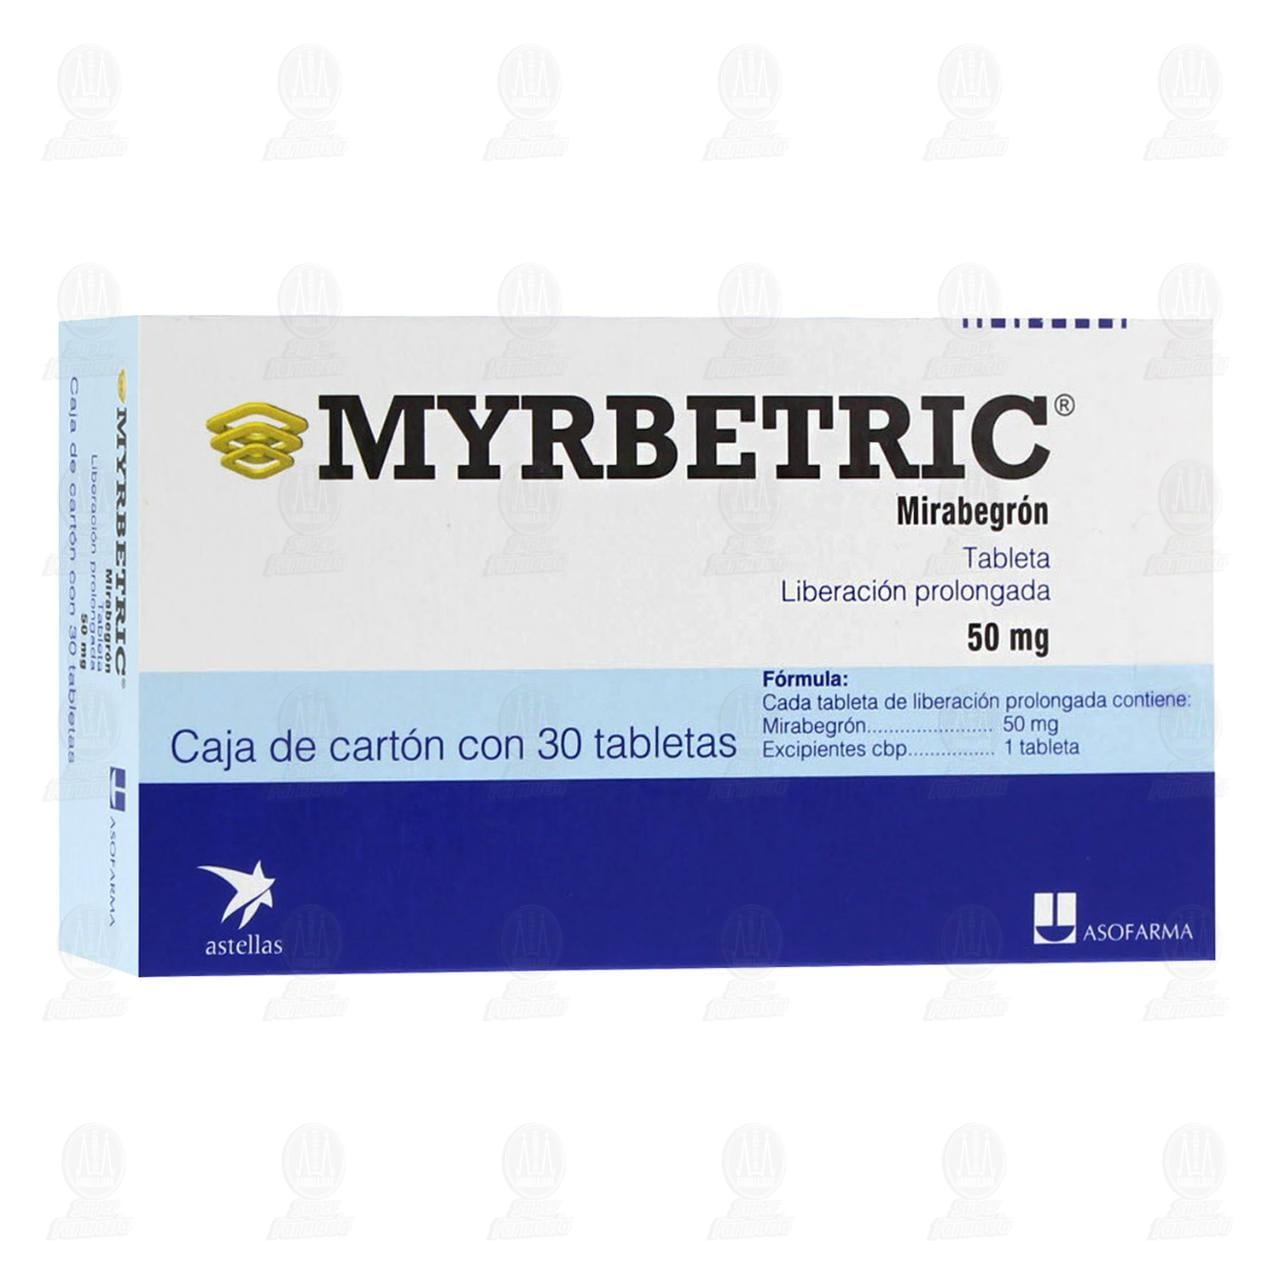 Comprar Myrbetric 50mg 30 Tabletas Liberación Prolongada en Farmacias Guadalajara